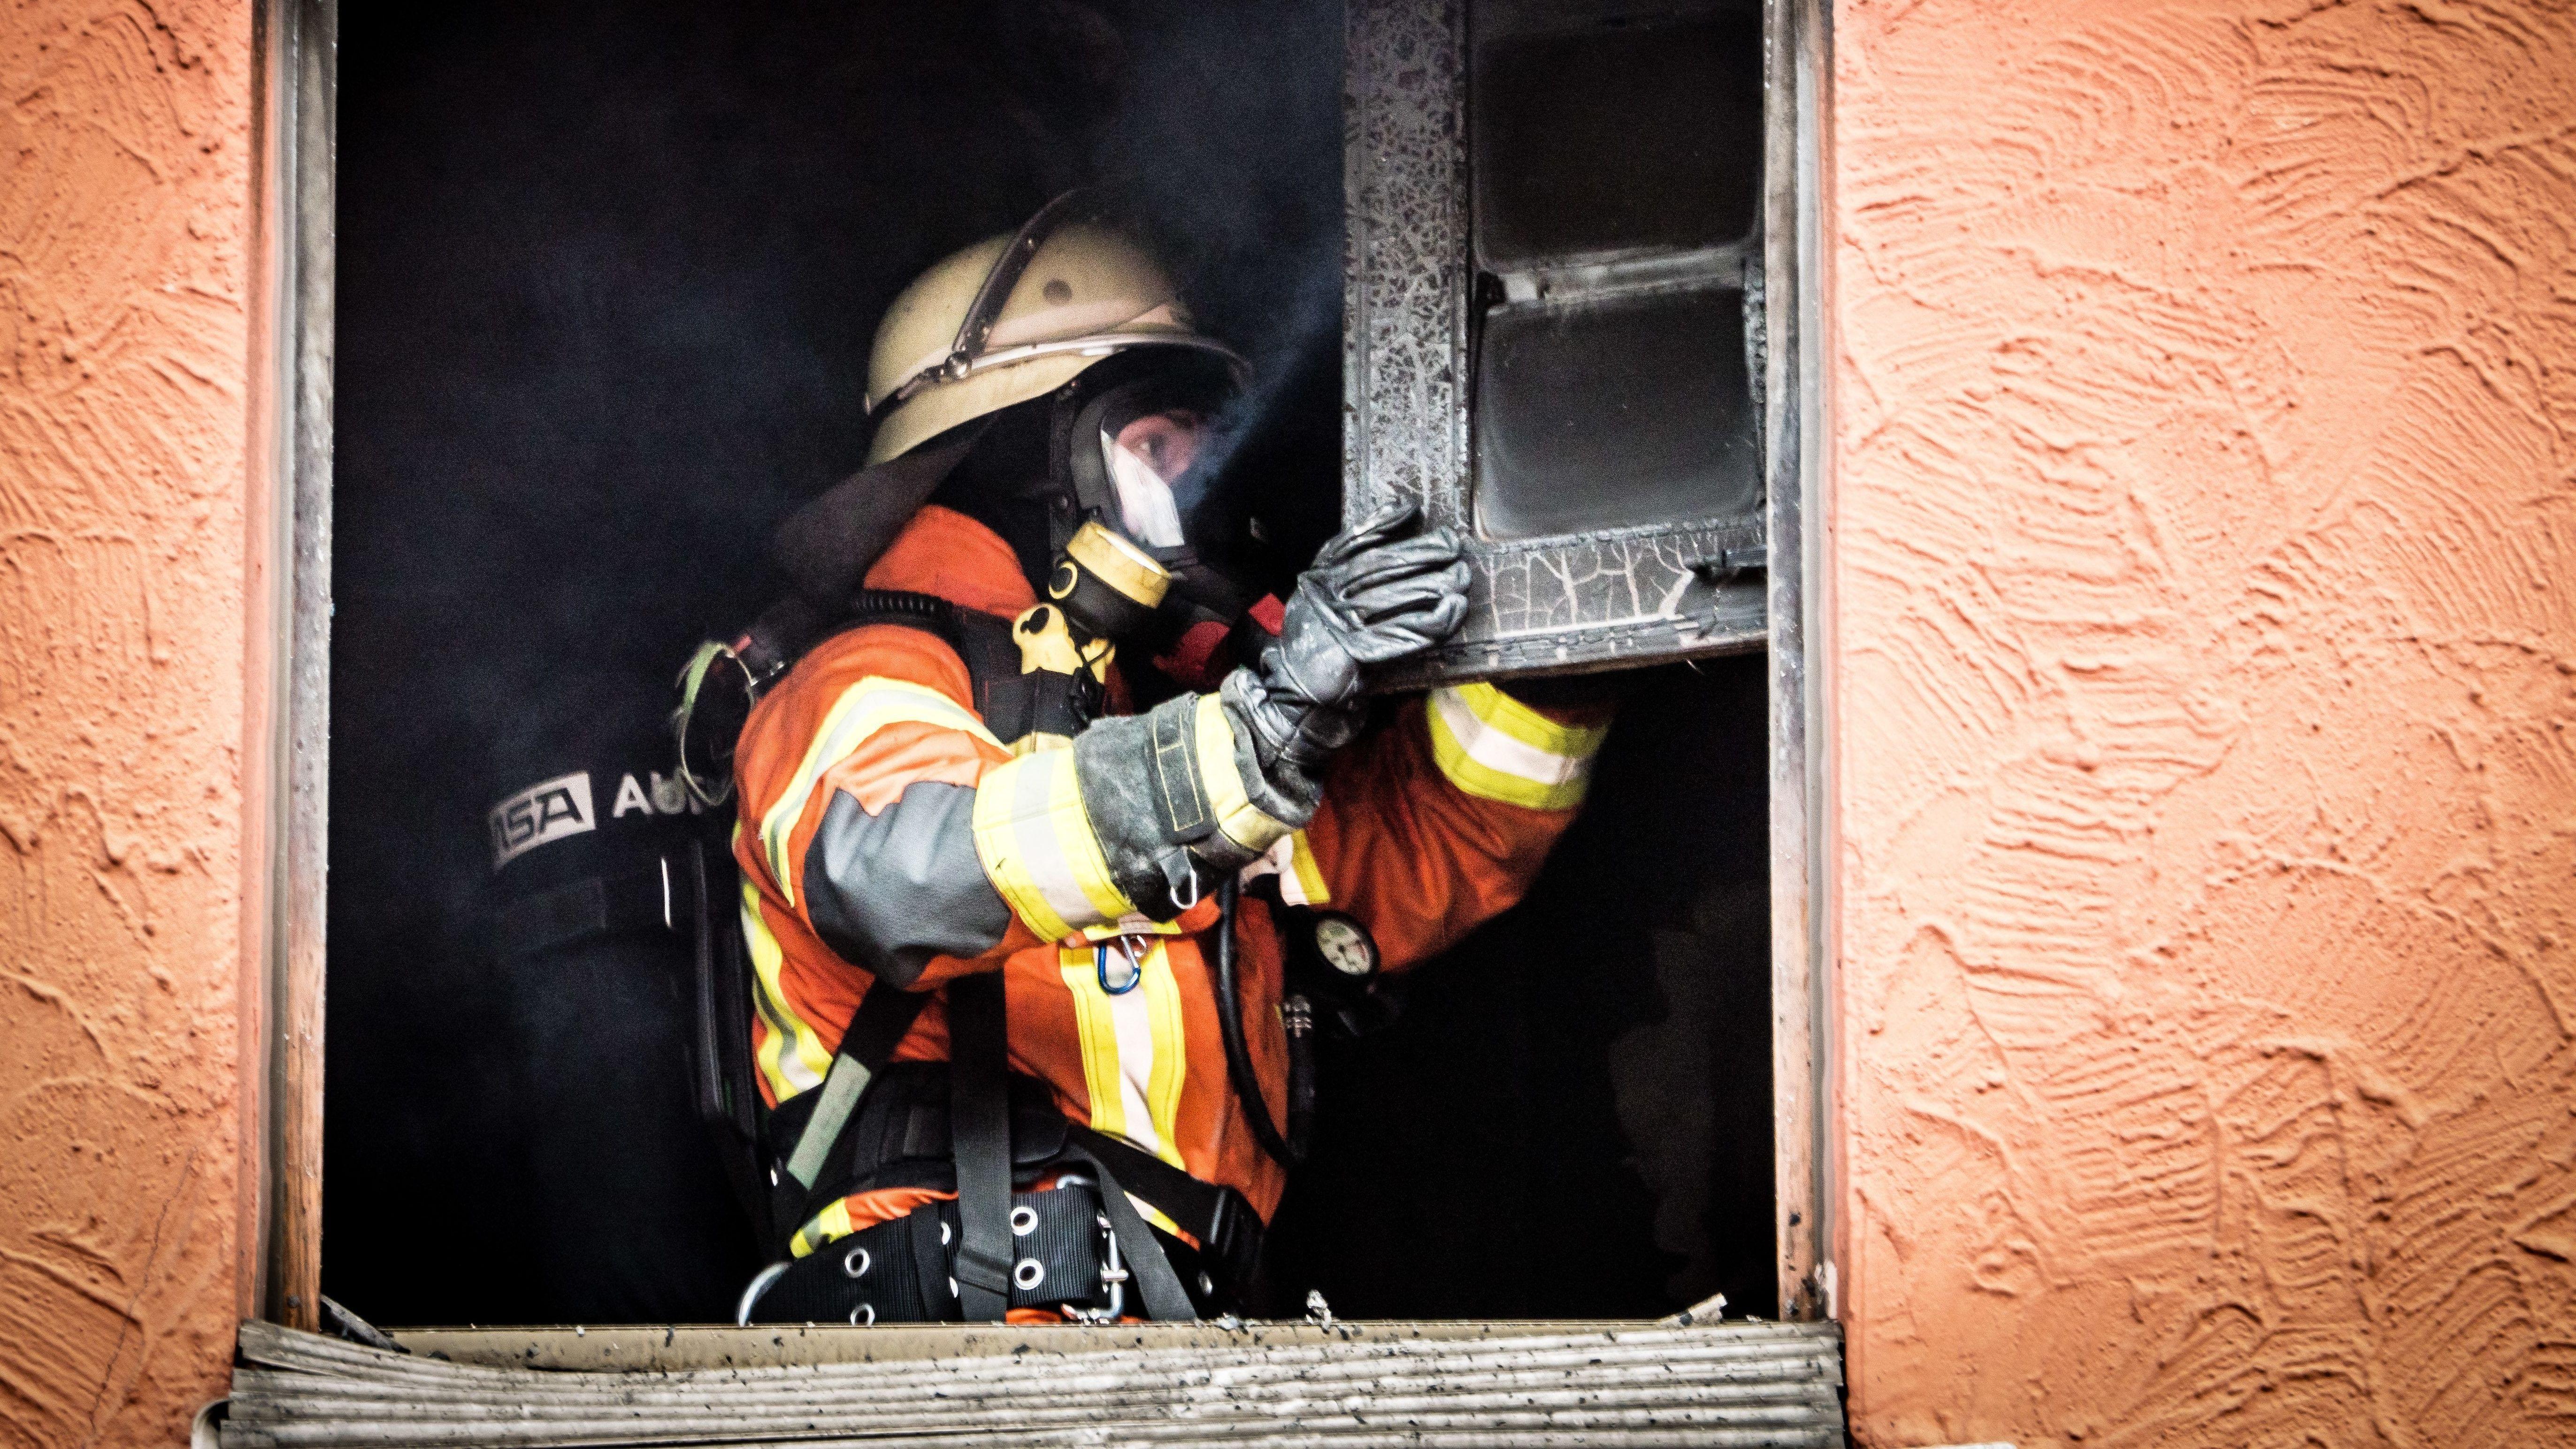 Ein Feuerwehrmann steht in einer Wohnung und kontrolliert einen verbrannten Schrank.